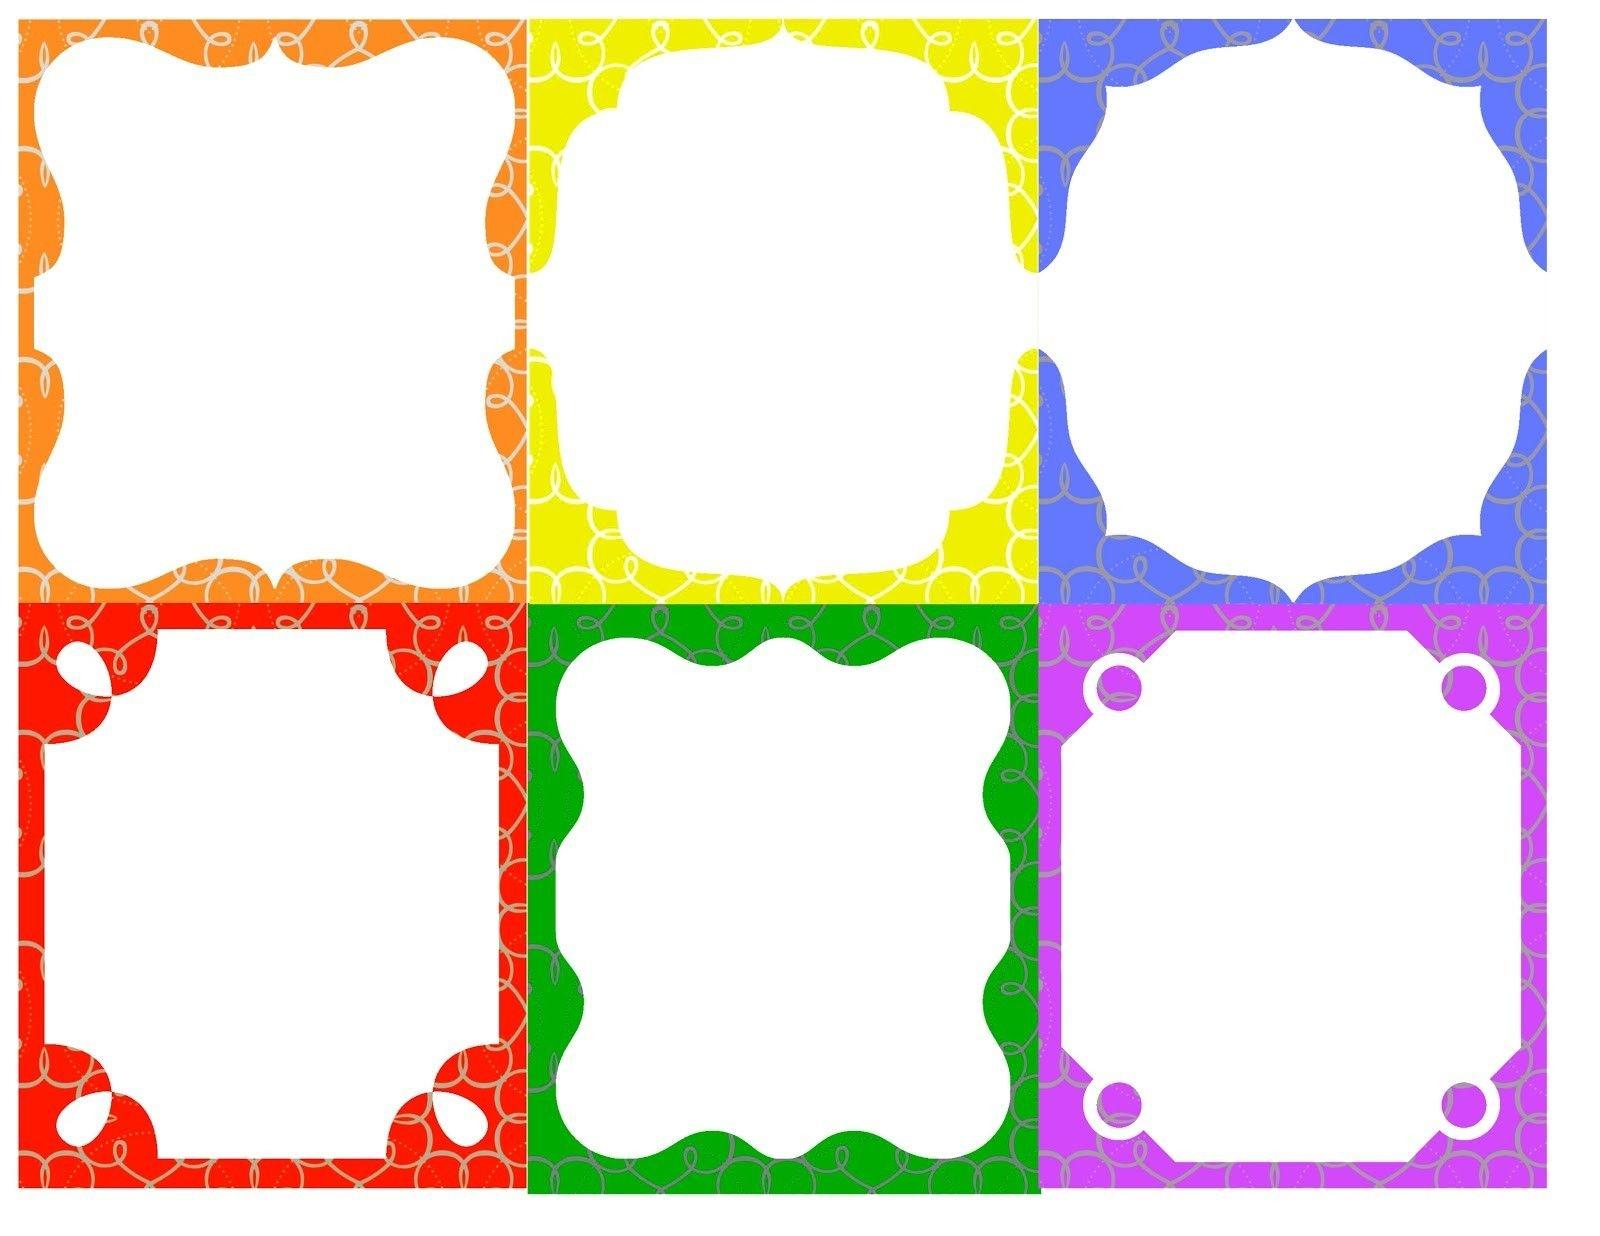 Printable Name Tag Templates For Kids | Diy Gifts | Name Tag - Free Printable Name Labels For Kids